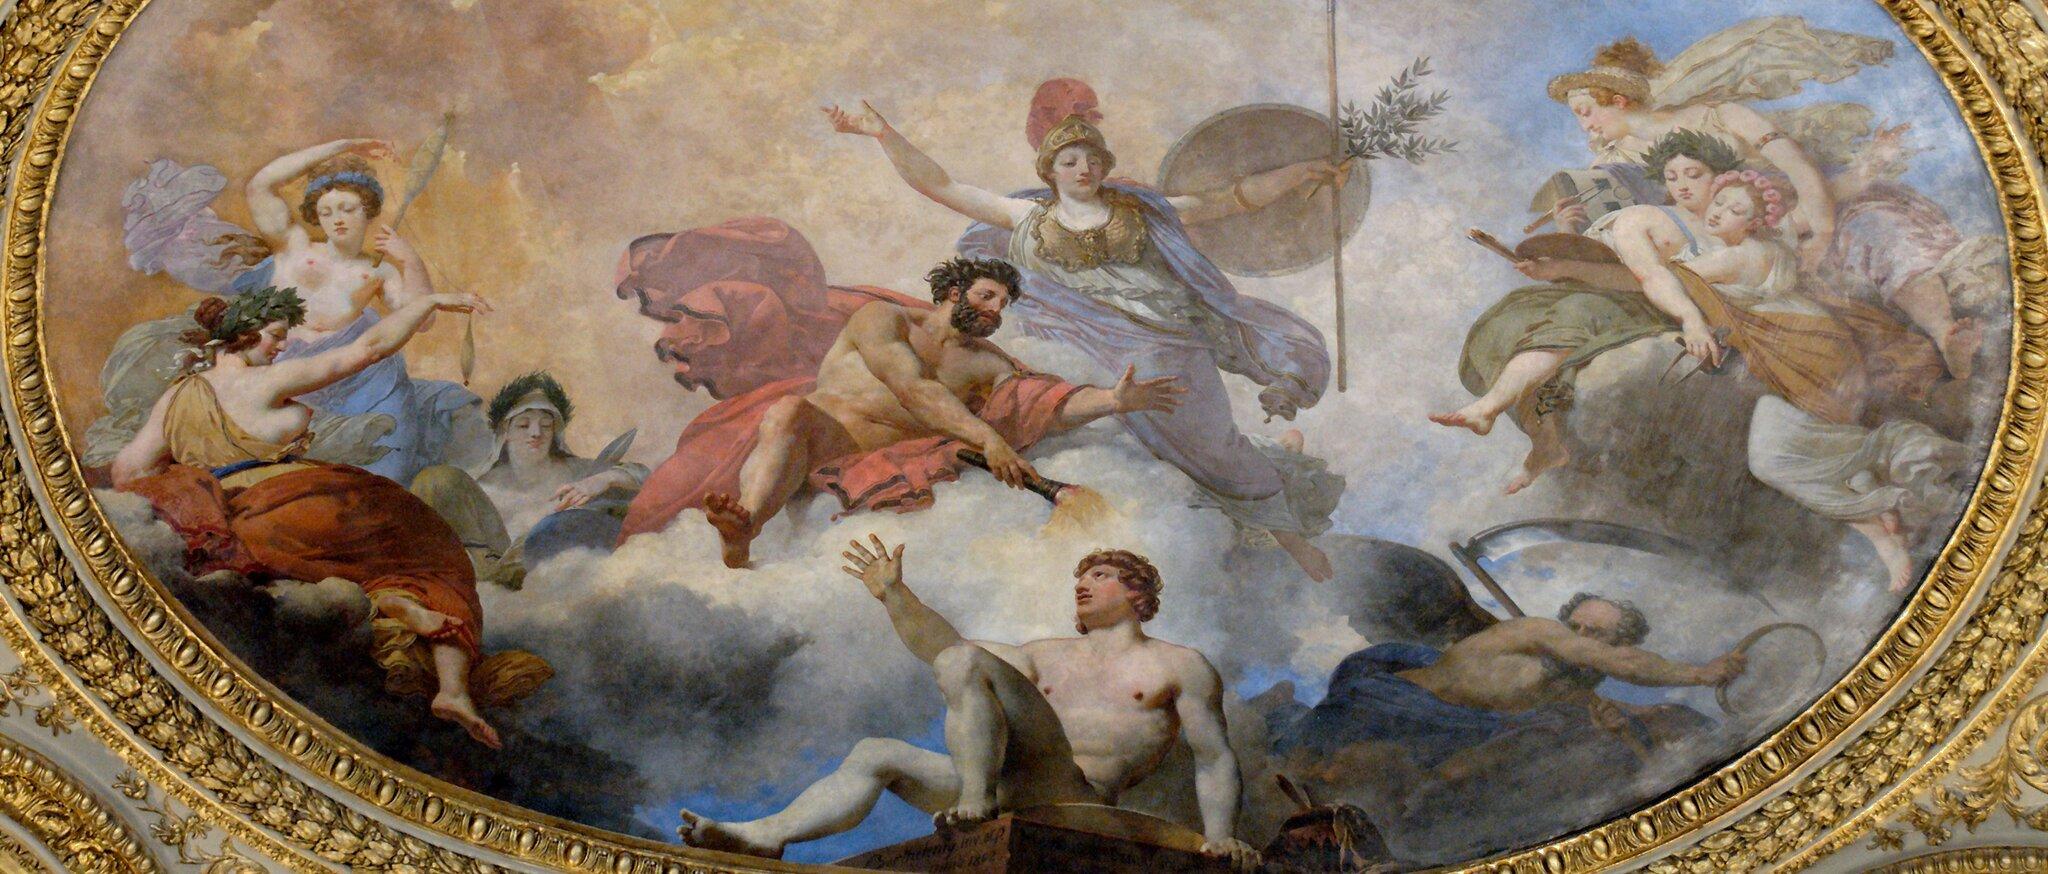 Prometeusz stwarza człowieka przy współudziale Ateny Źródło: Jean-Simon Berthélemy, Jean-Baptiste Mauzaisse, Prometeusz stwarza człowieka przy współudziale Ateny, 1802, Muzeum wLuwrze, domena publiczna.